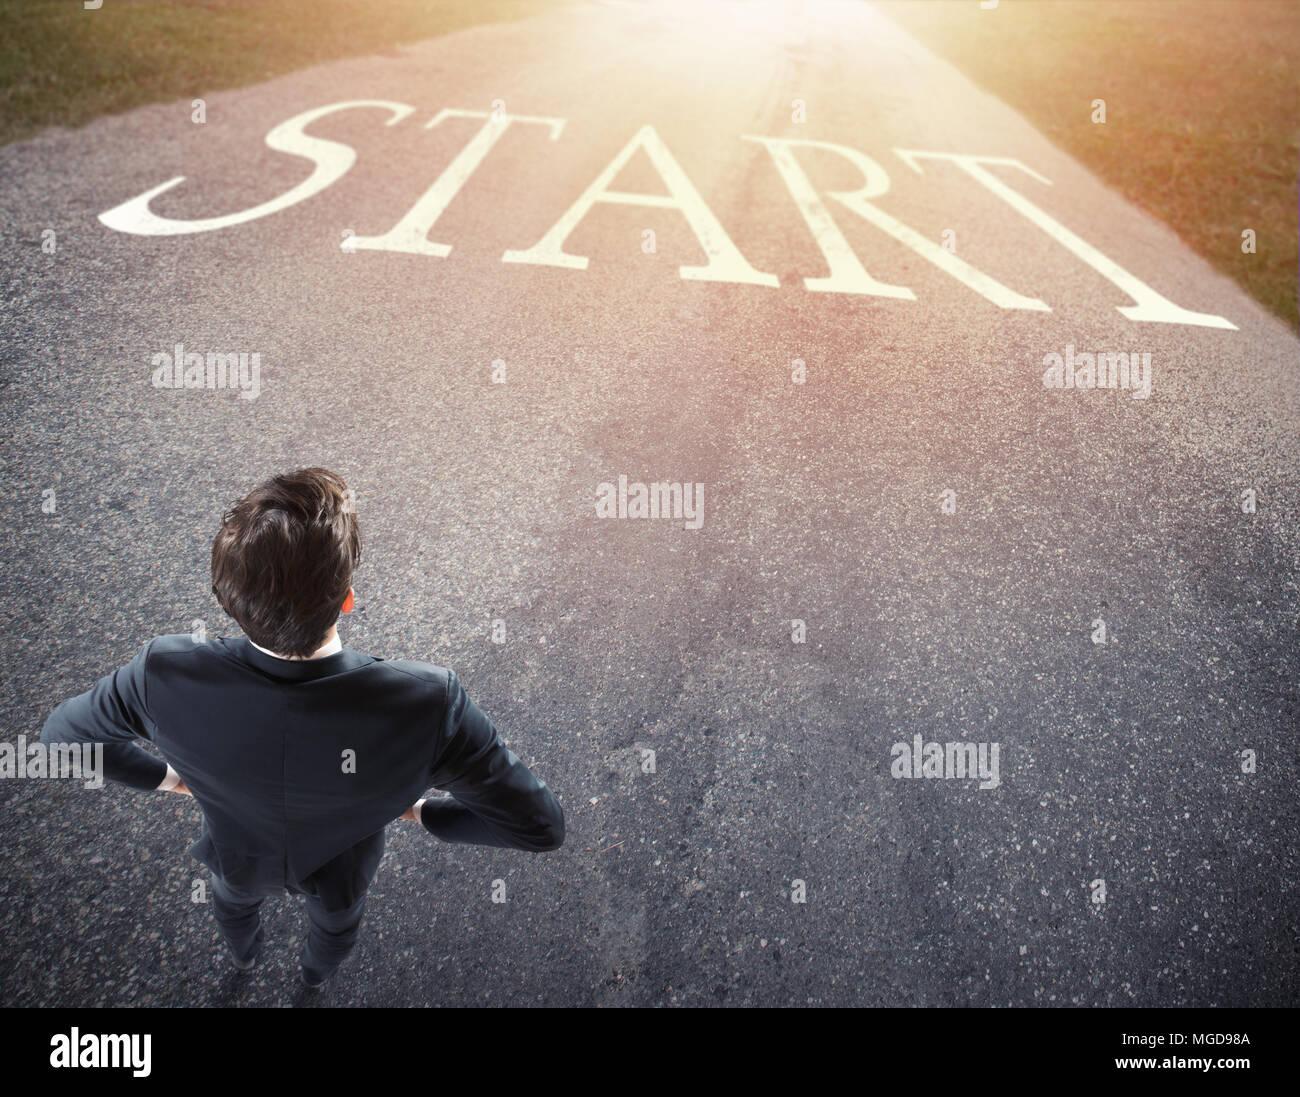 Imprenditore pronto a seguire un nuovo modo. concetto di iniziare una nuova carriera. Immagini Stock